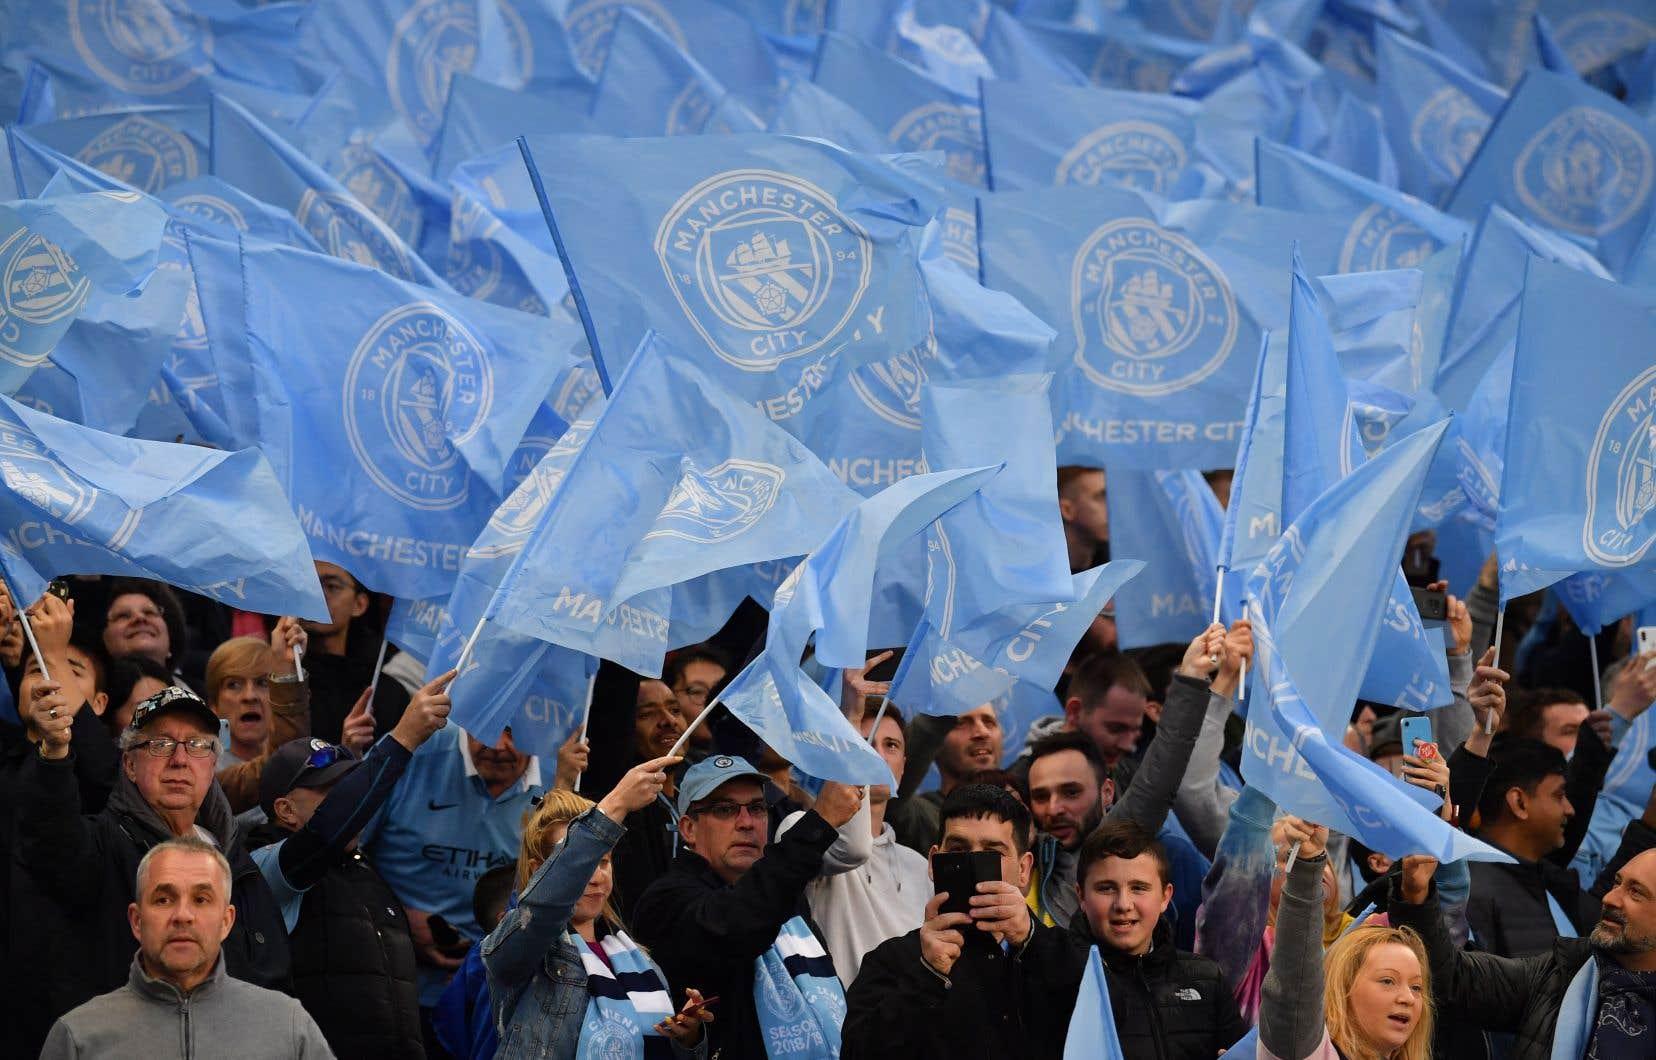 Des partisans de Manchester agitent des drapeaux lors d'un match de football au stade Etihad, en 2019.